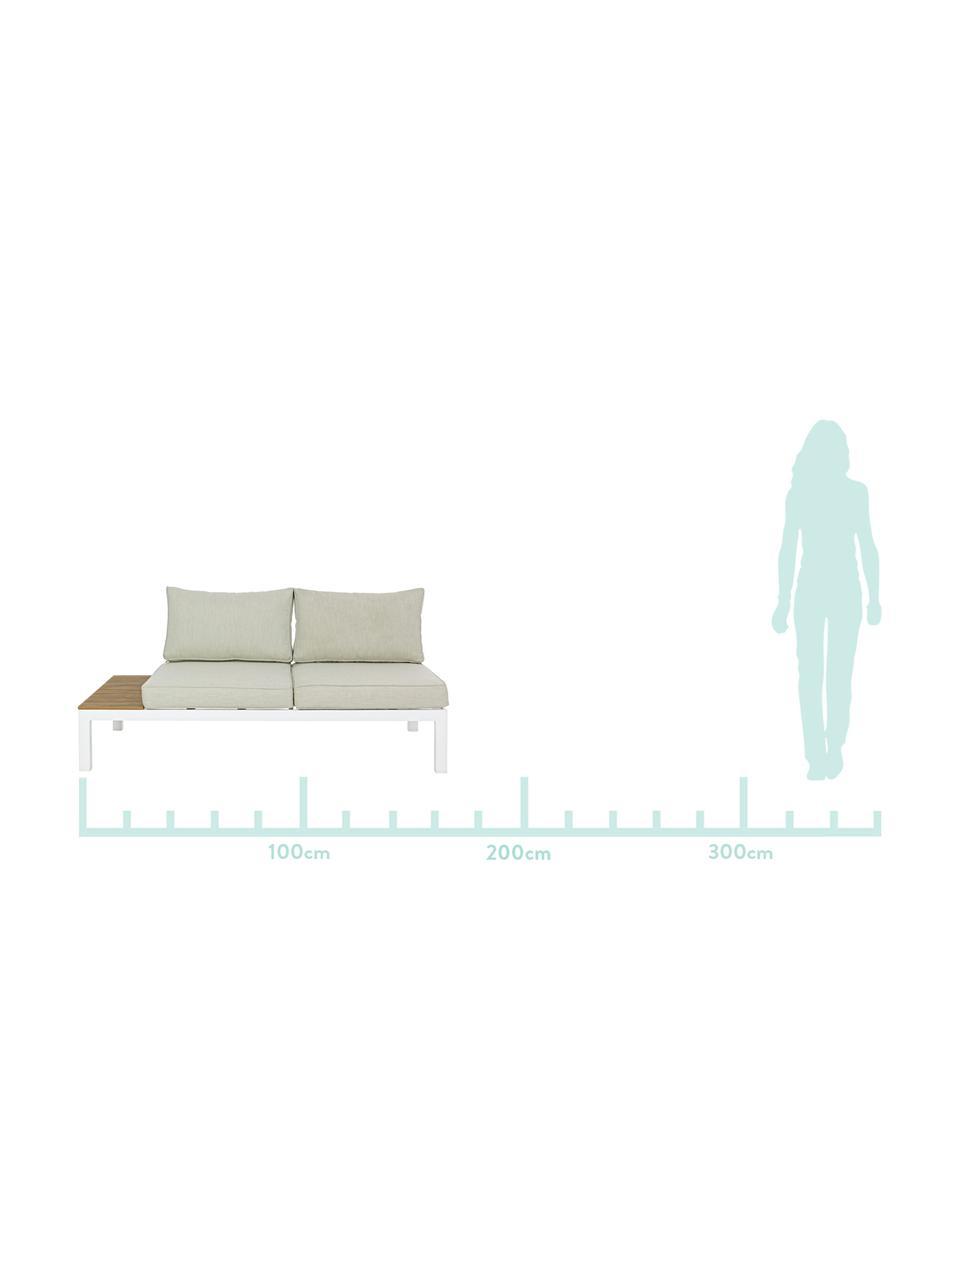 Komplet mebli ogrodowych Elias, 4 elem., Stelaż: aluminium, malowane prosz, Tapicerka: poliester, Biały, drewno tekowe, beżowy, Komplet z różnymi rozmiarami